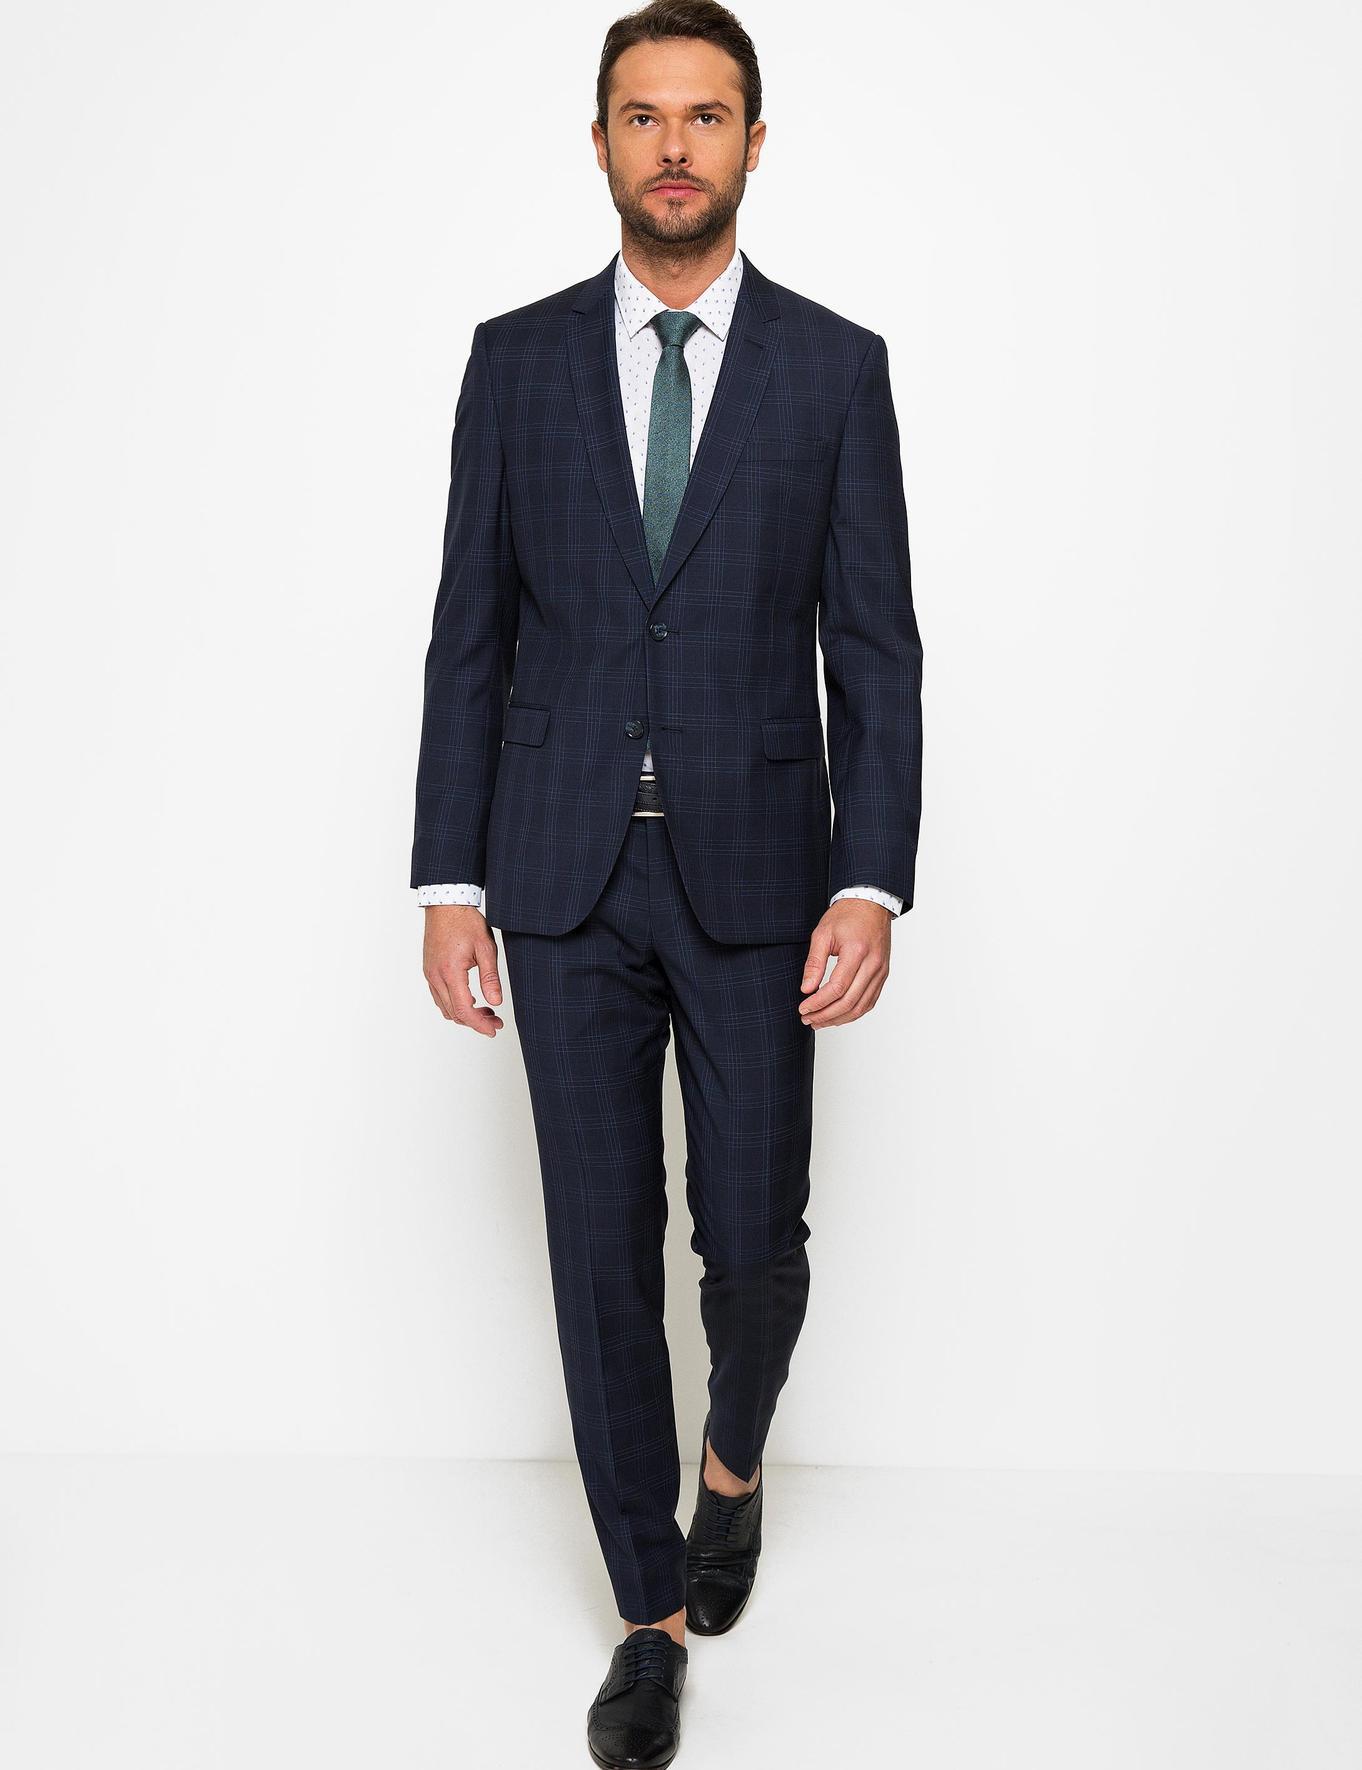 Lacivert Slim Fit Takım Elbise - 50185599002